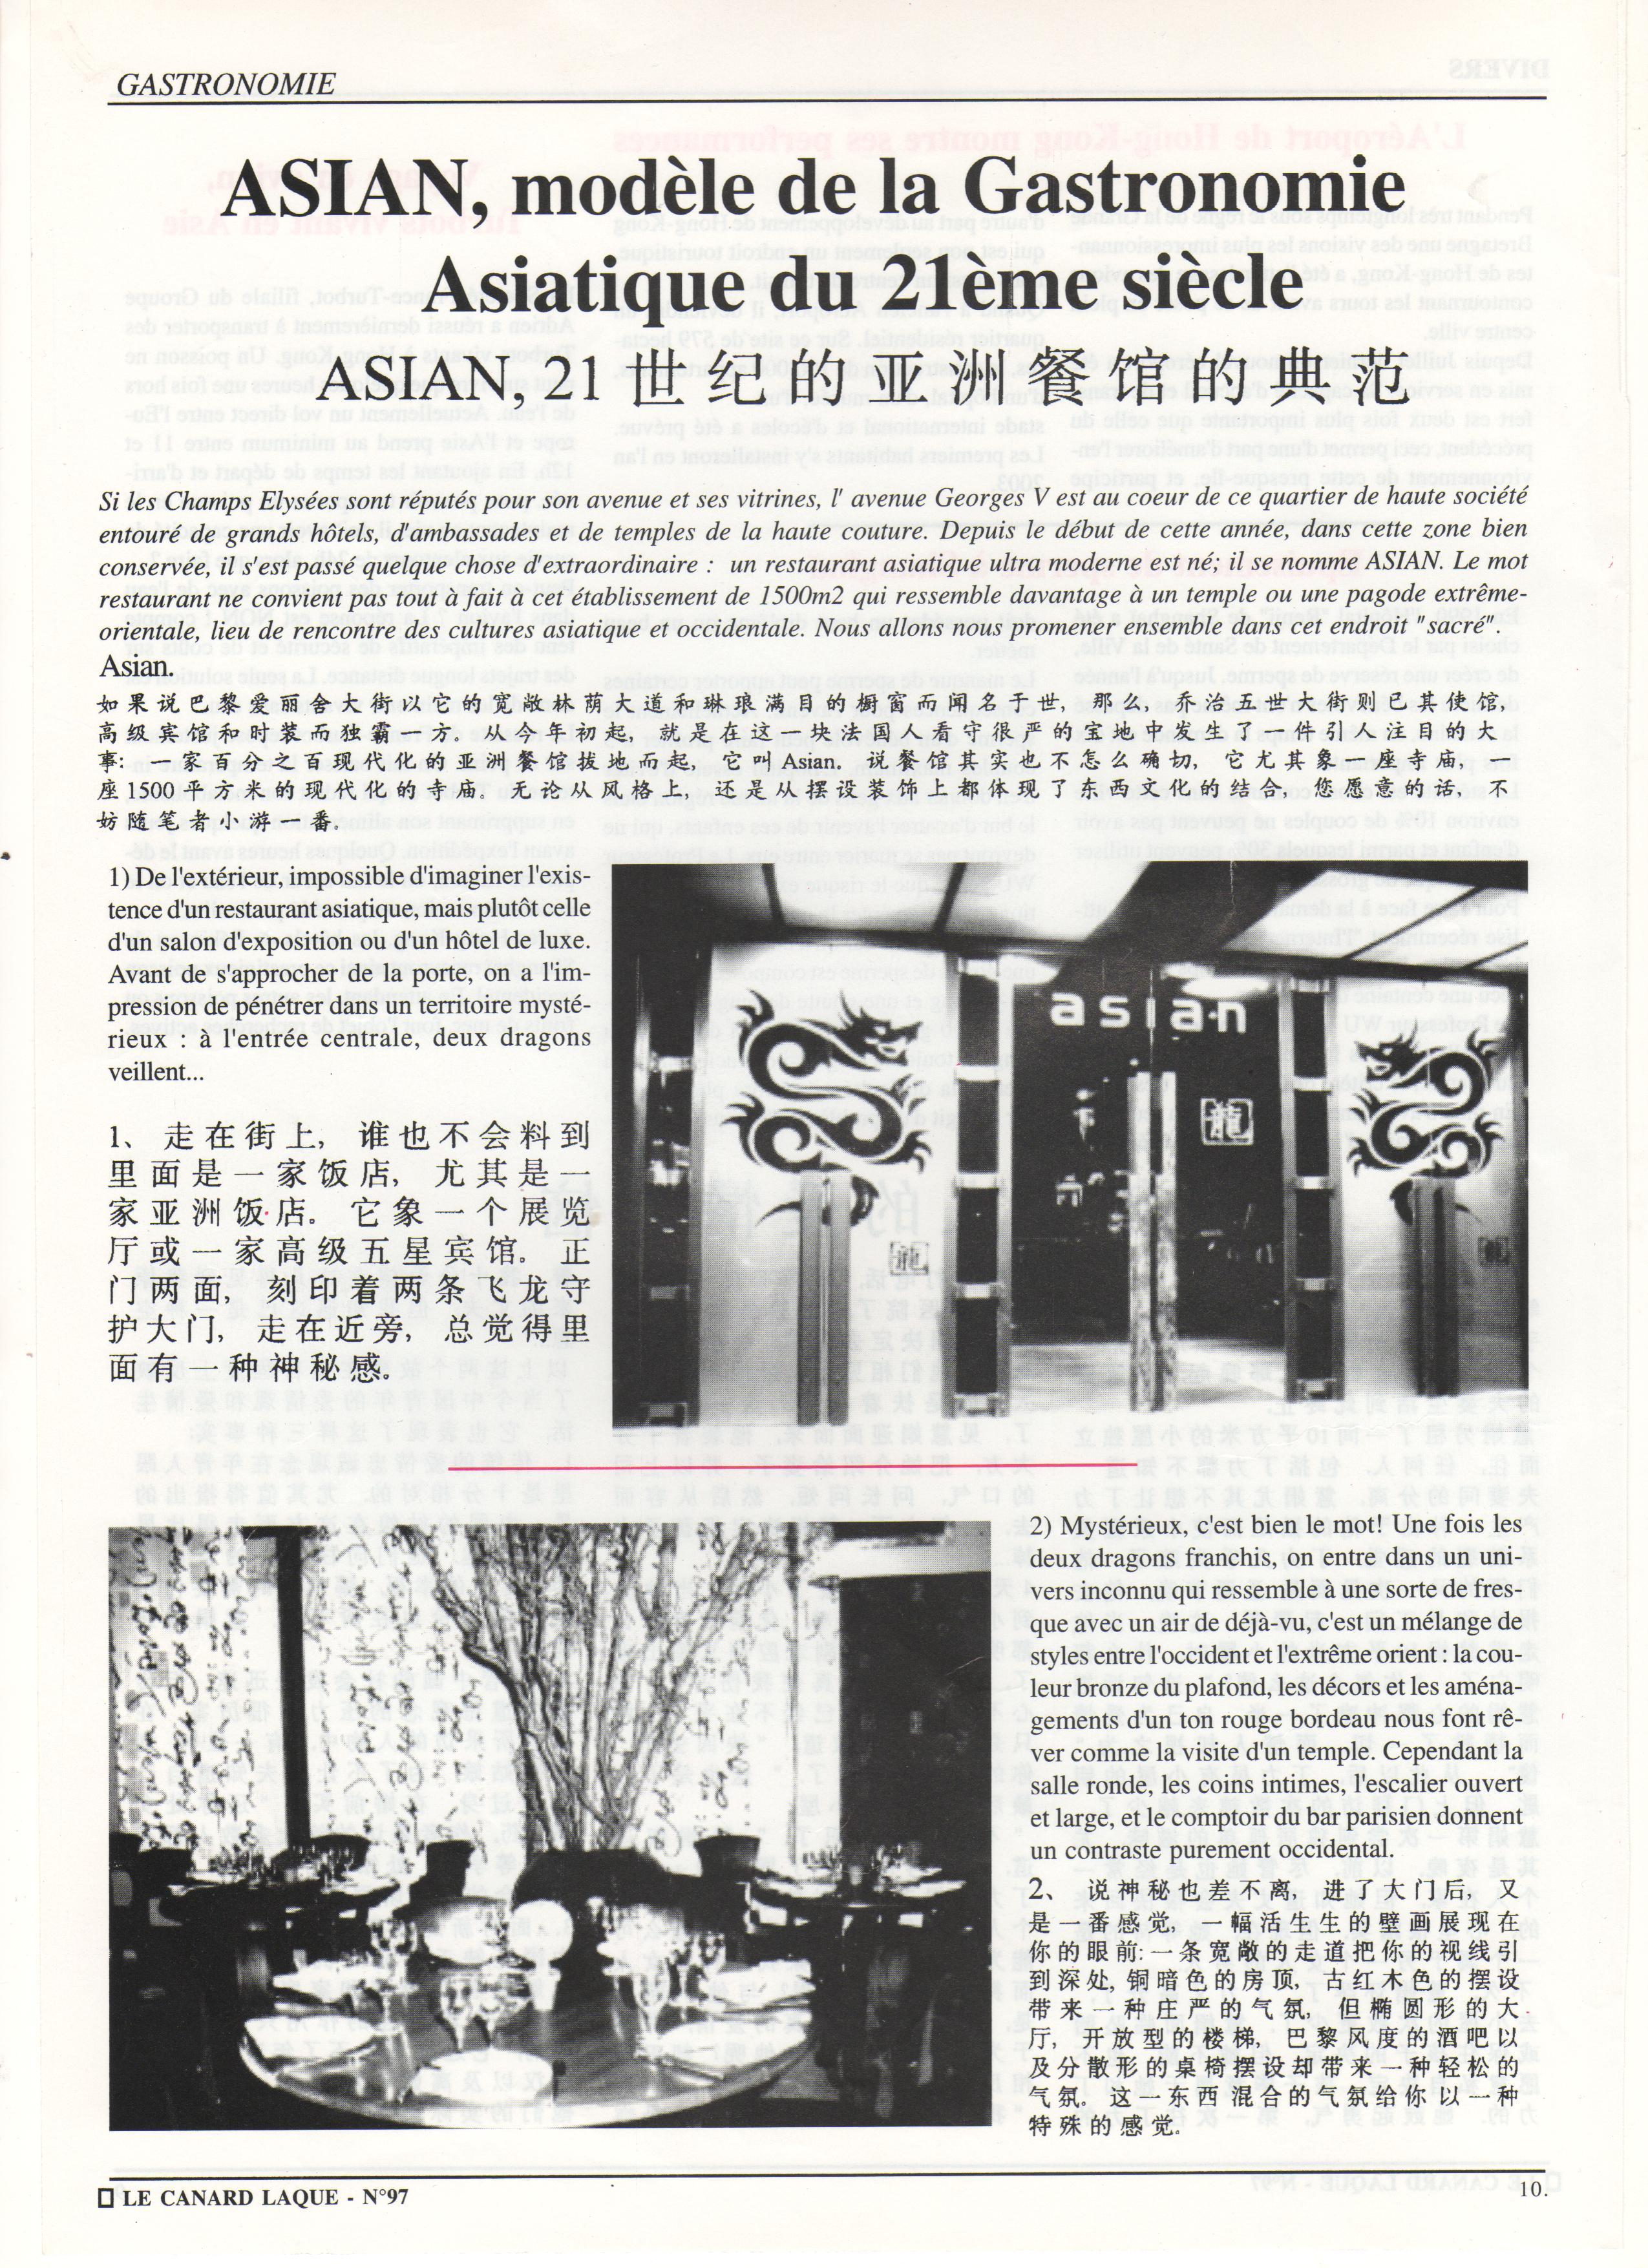 Asian modèle de la gastronomie asiatique du 21e siècle